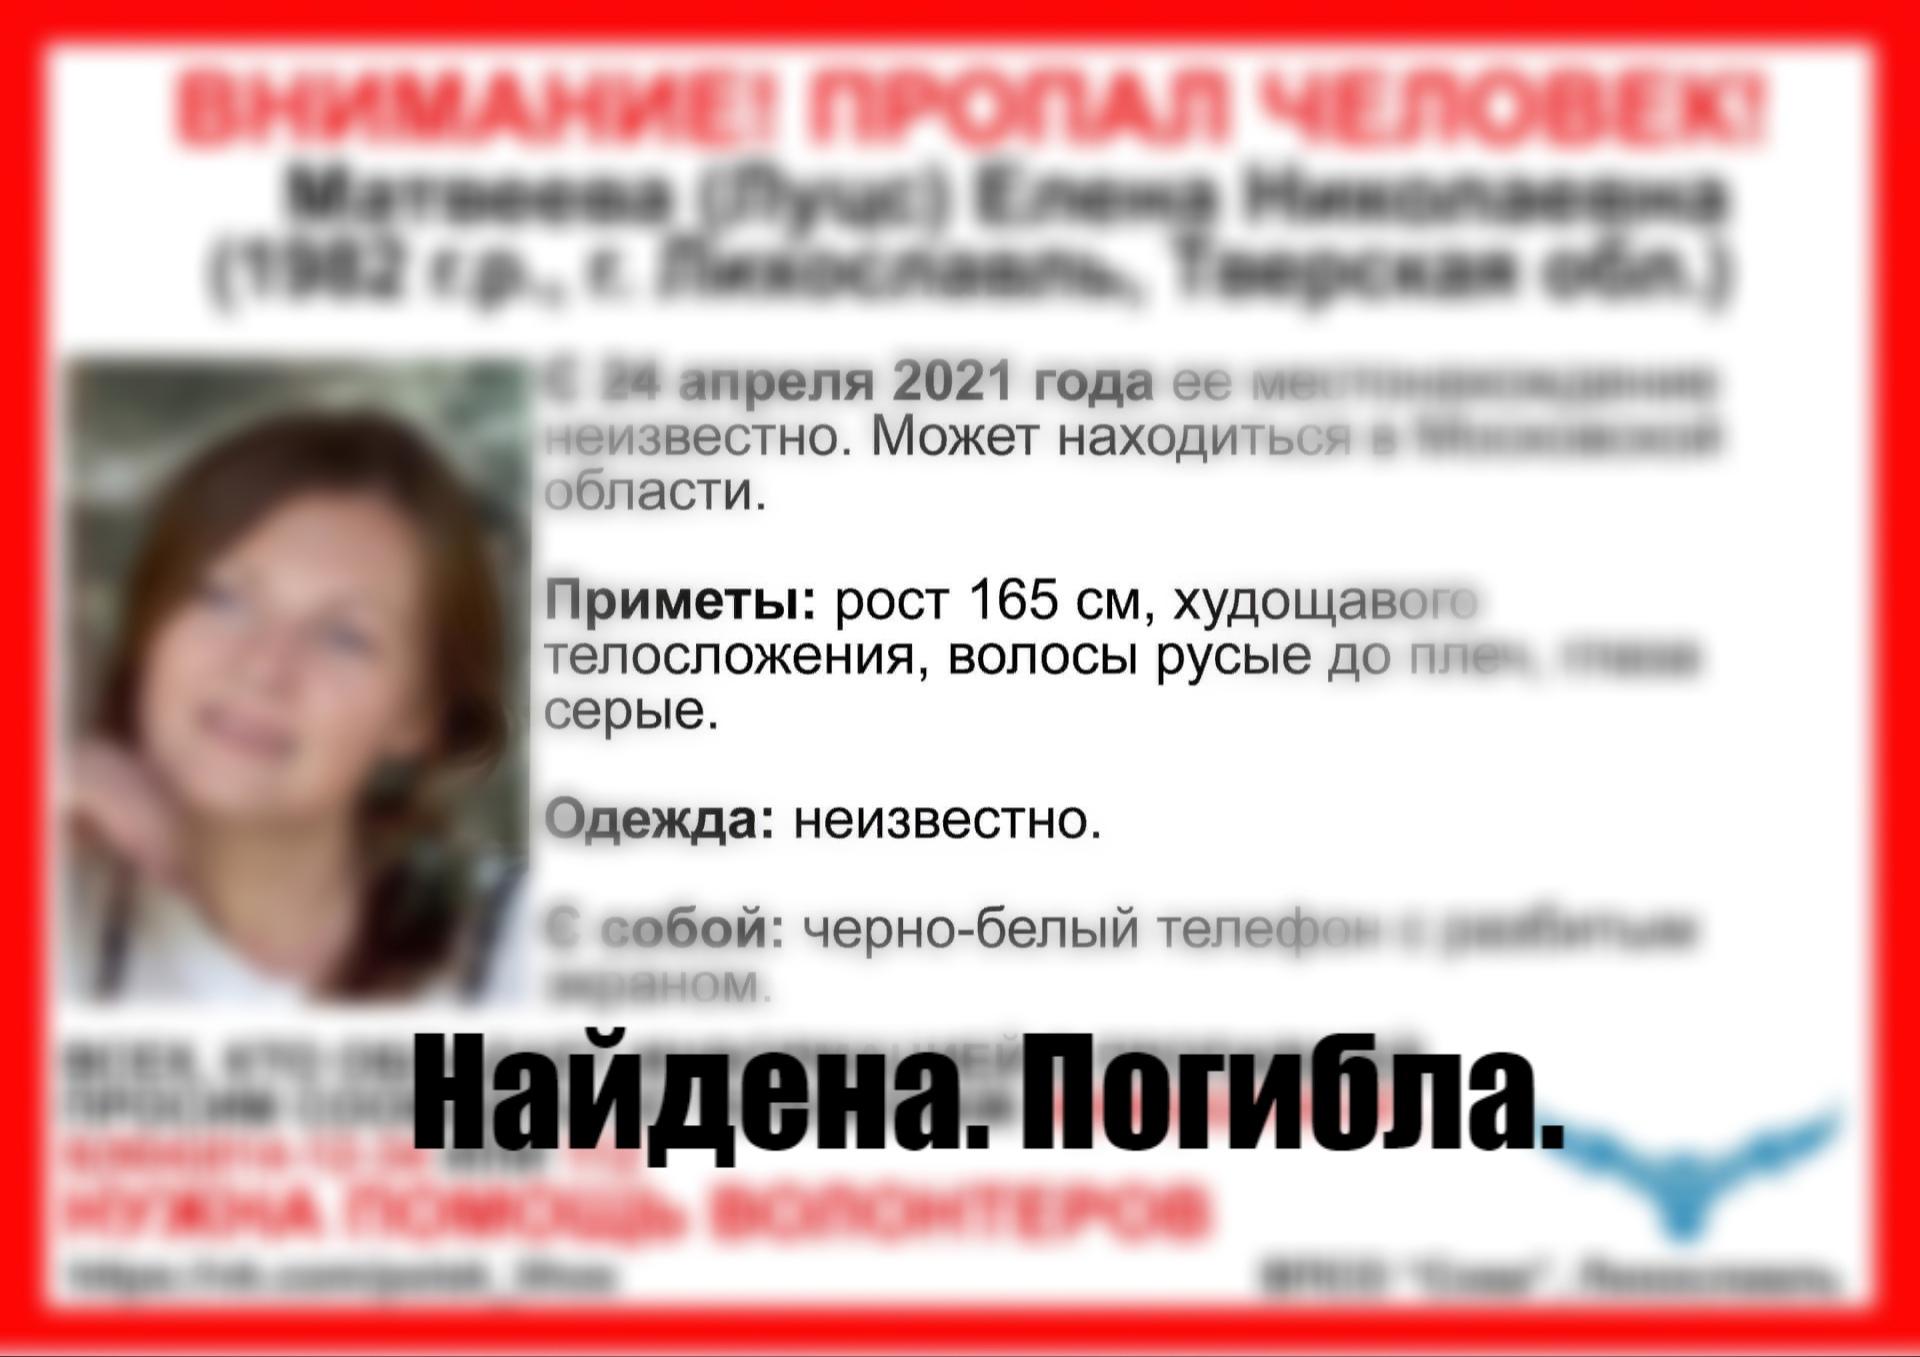 Пропавшую в апреле жительницу Тверской области нашли погибшей